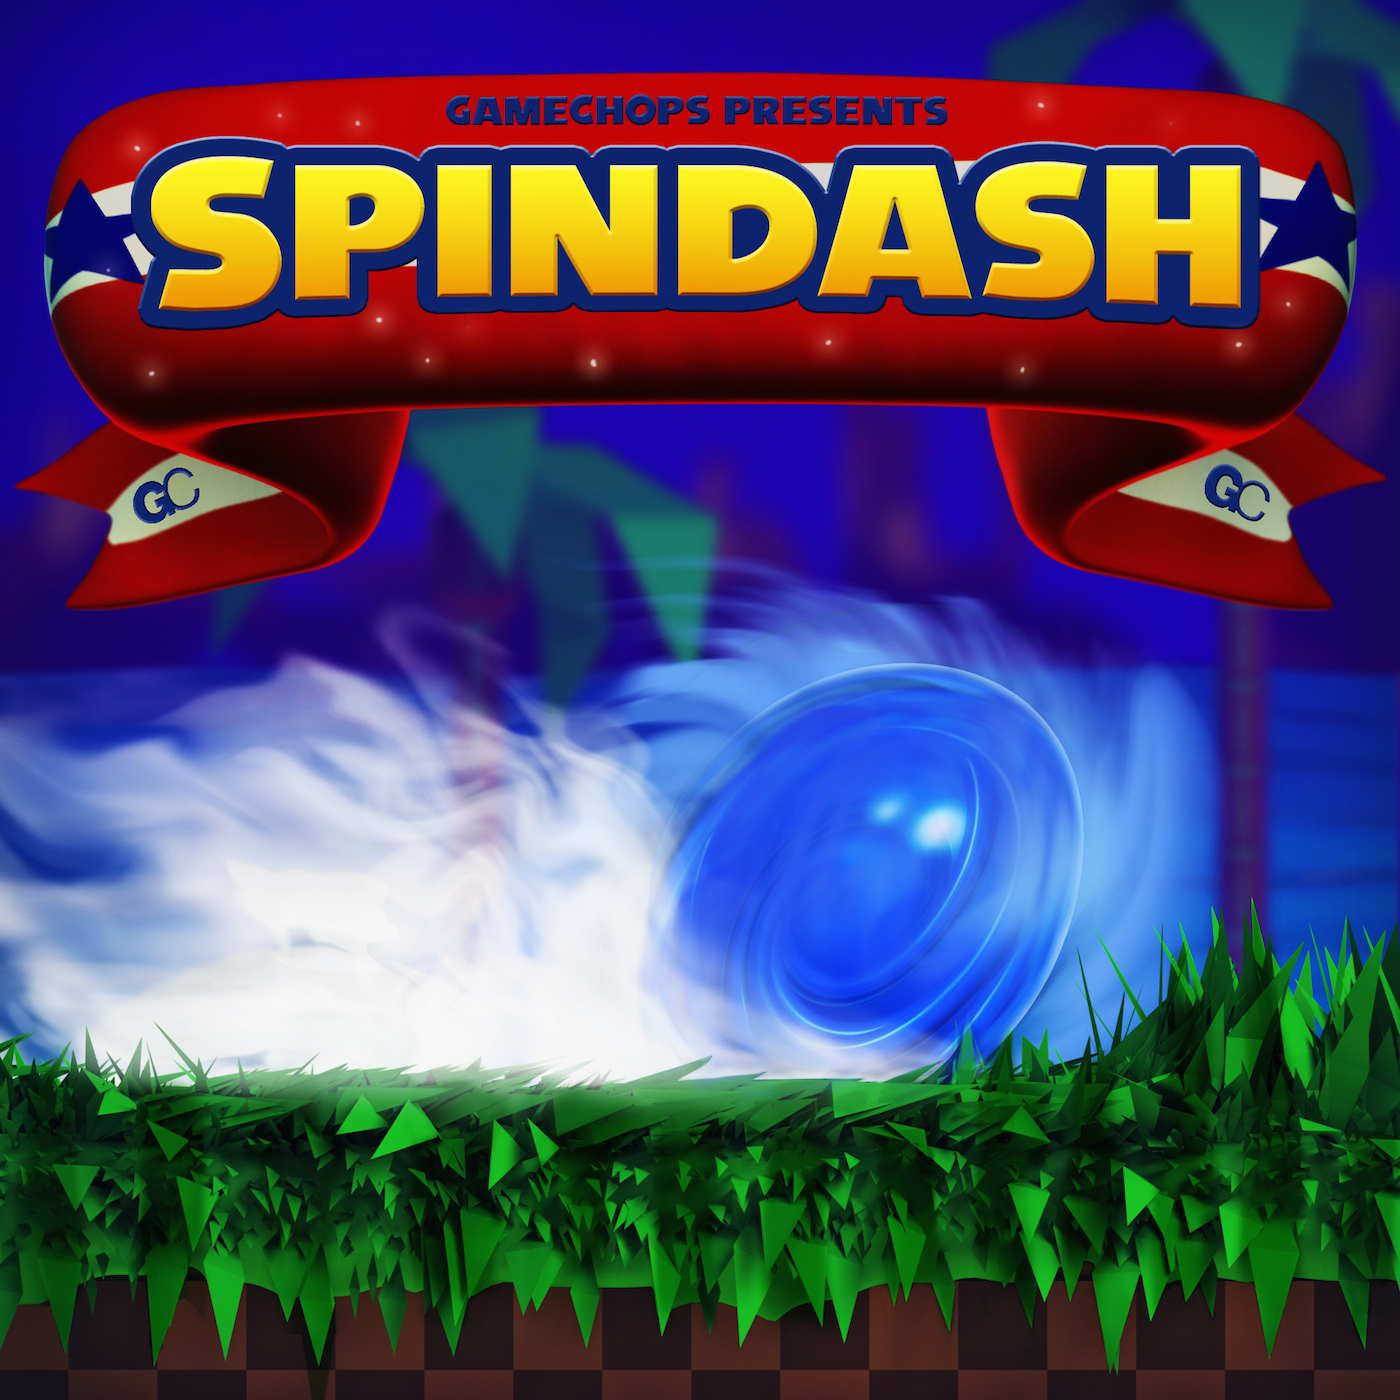 Spindash